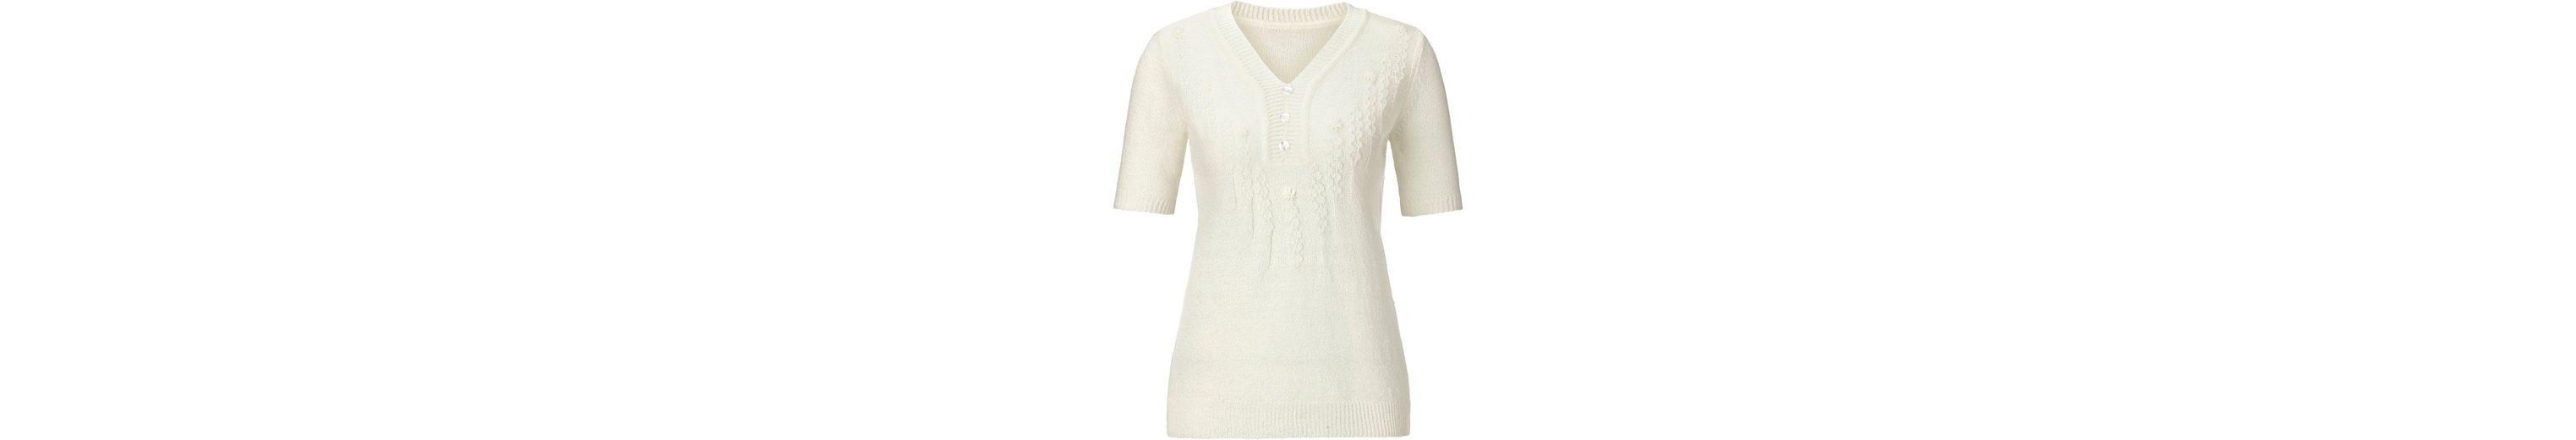 Pullover mit Blütenstickerei rund um den Ausschnitt Erstaunlicher Preis Günstiger Preis k6Kmp